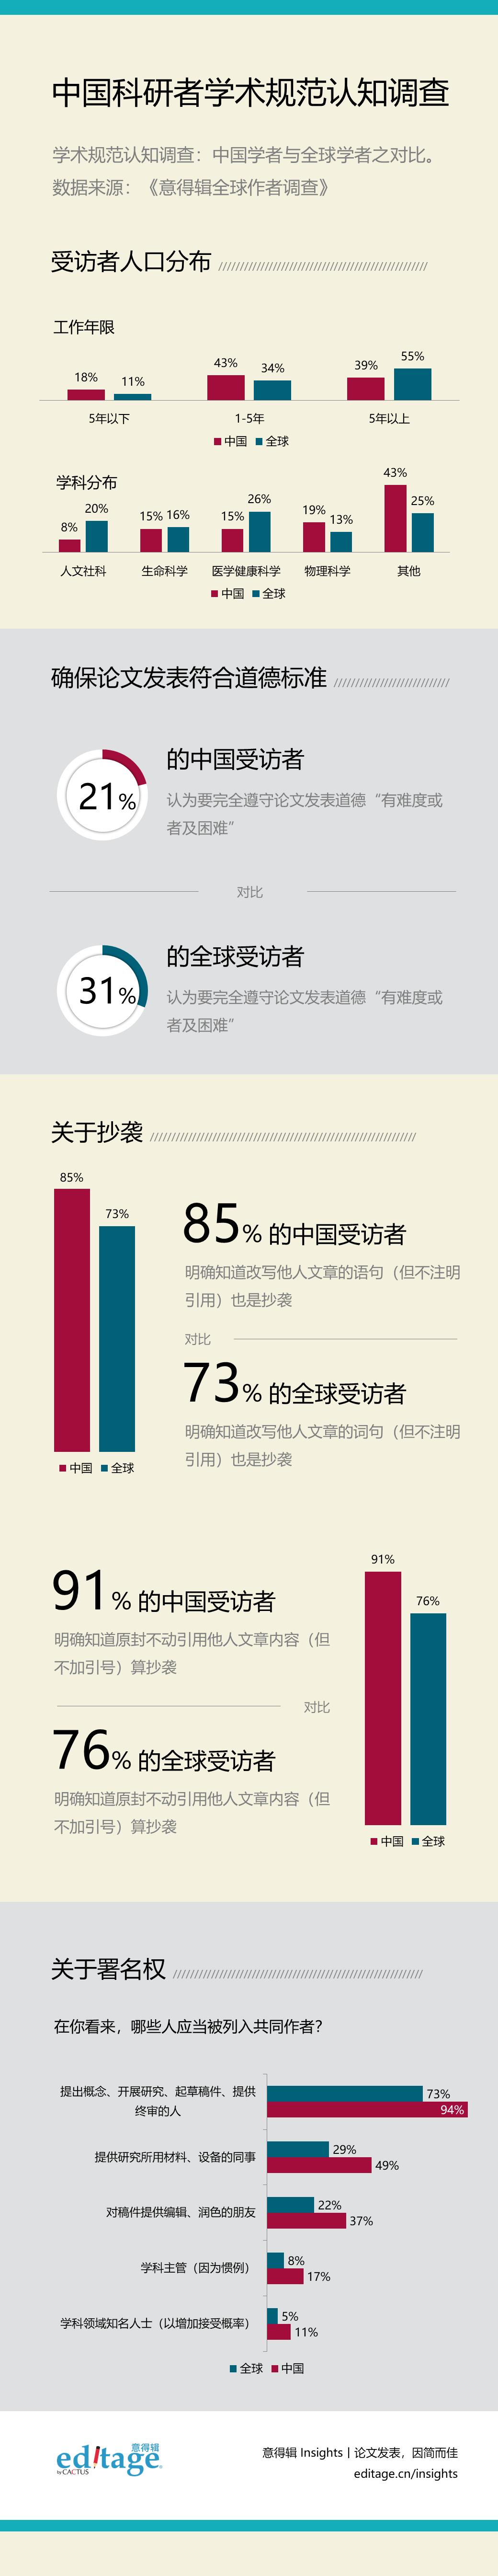 中国科研者学术规范认知报告